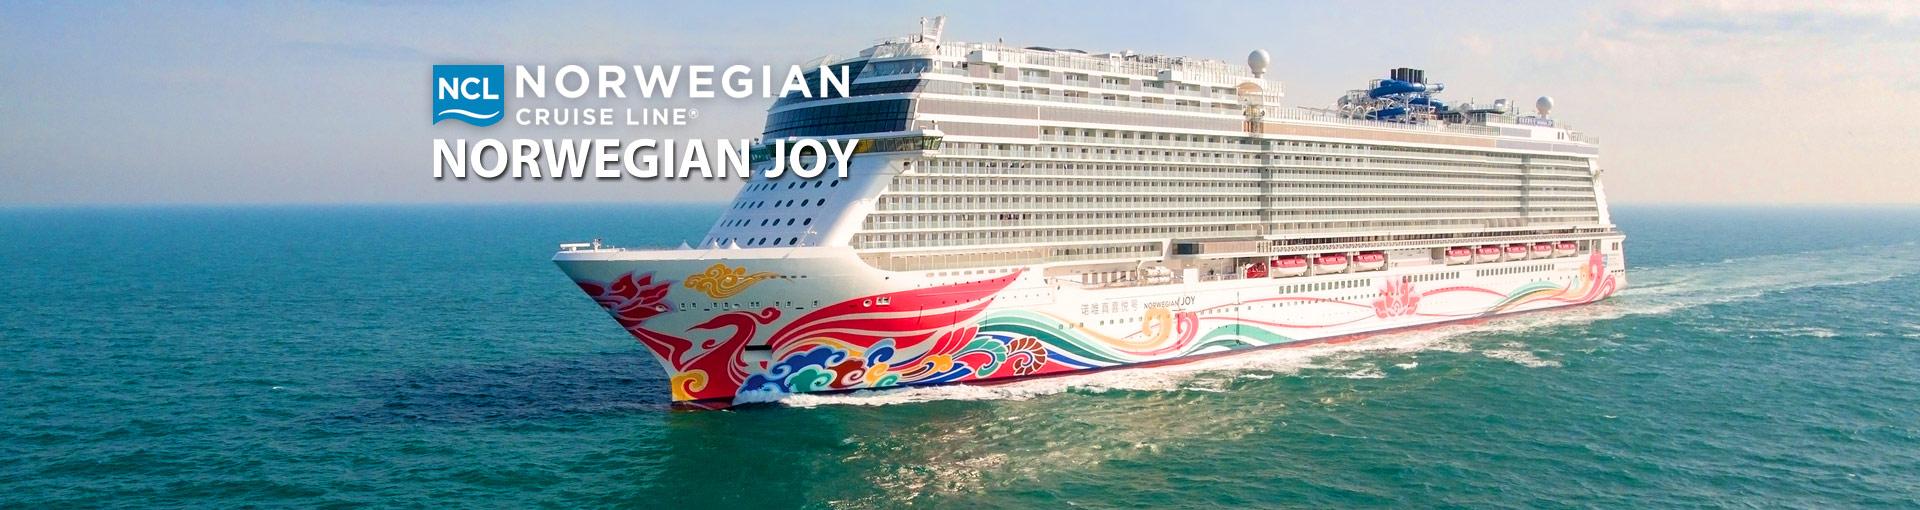 Norwegian Joy Cruise Ship 2018 And 2019 Norwegian Joy